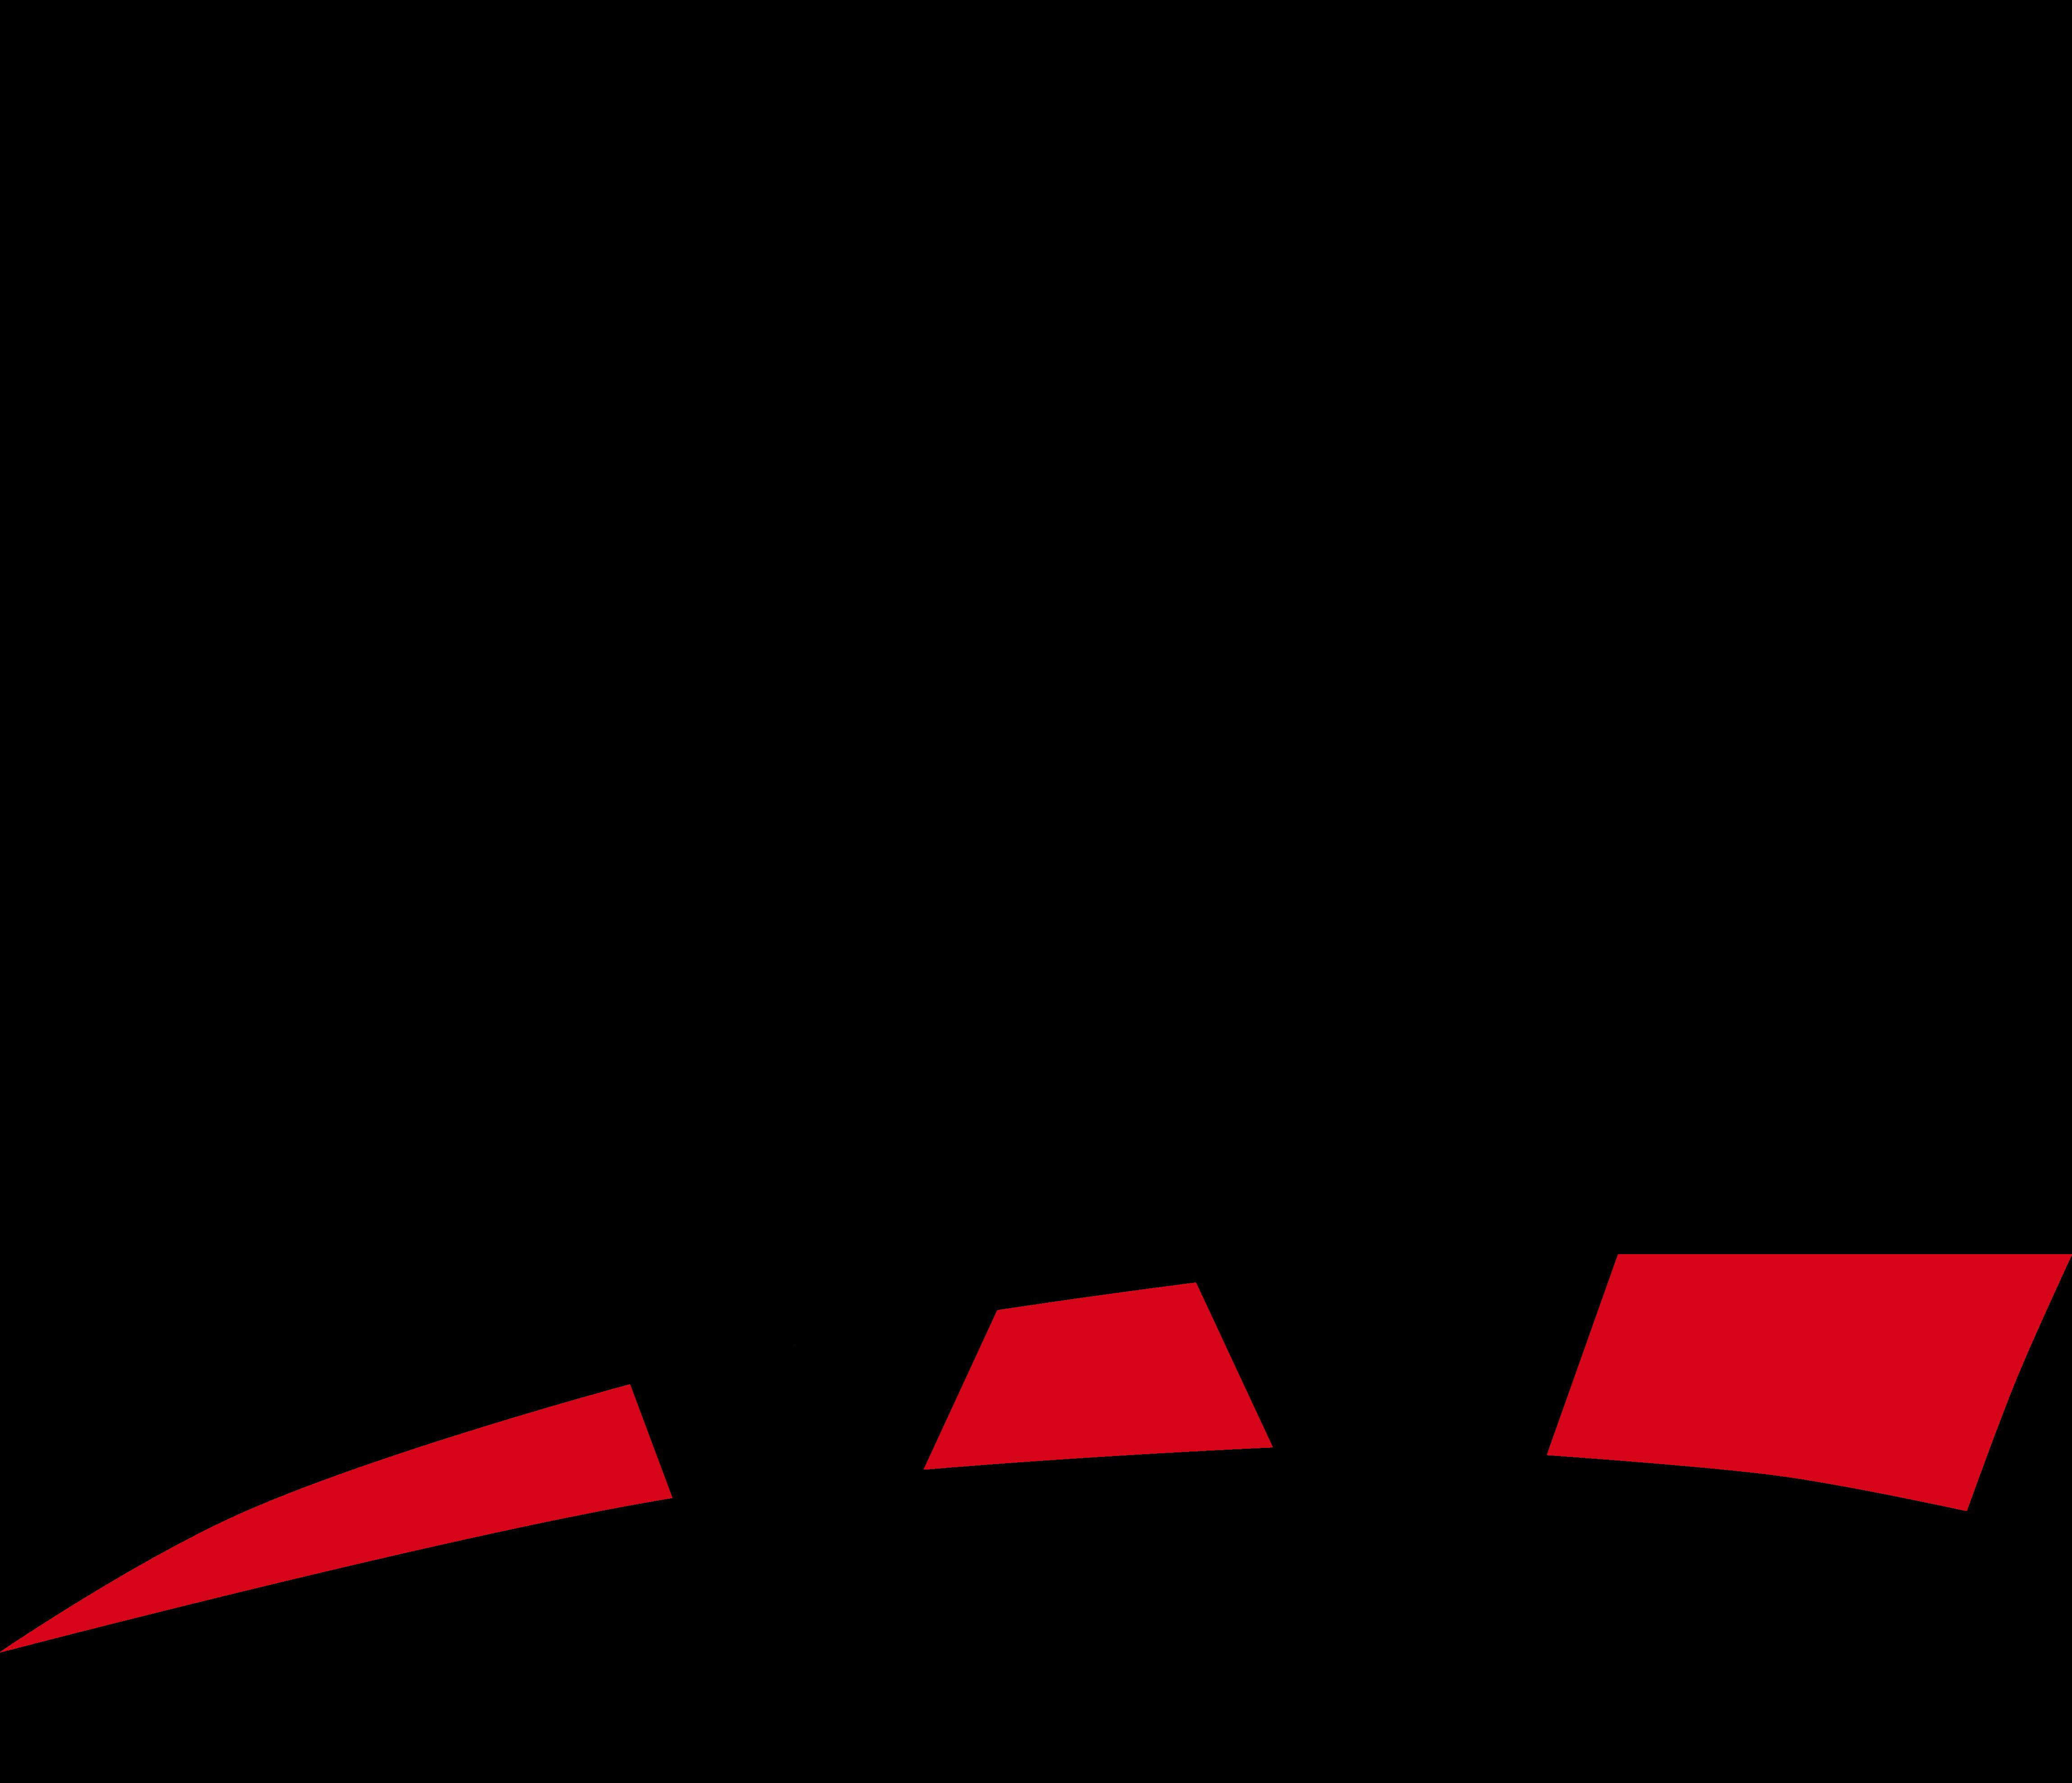 Wwe Logo Png